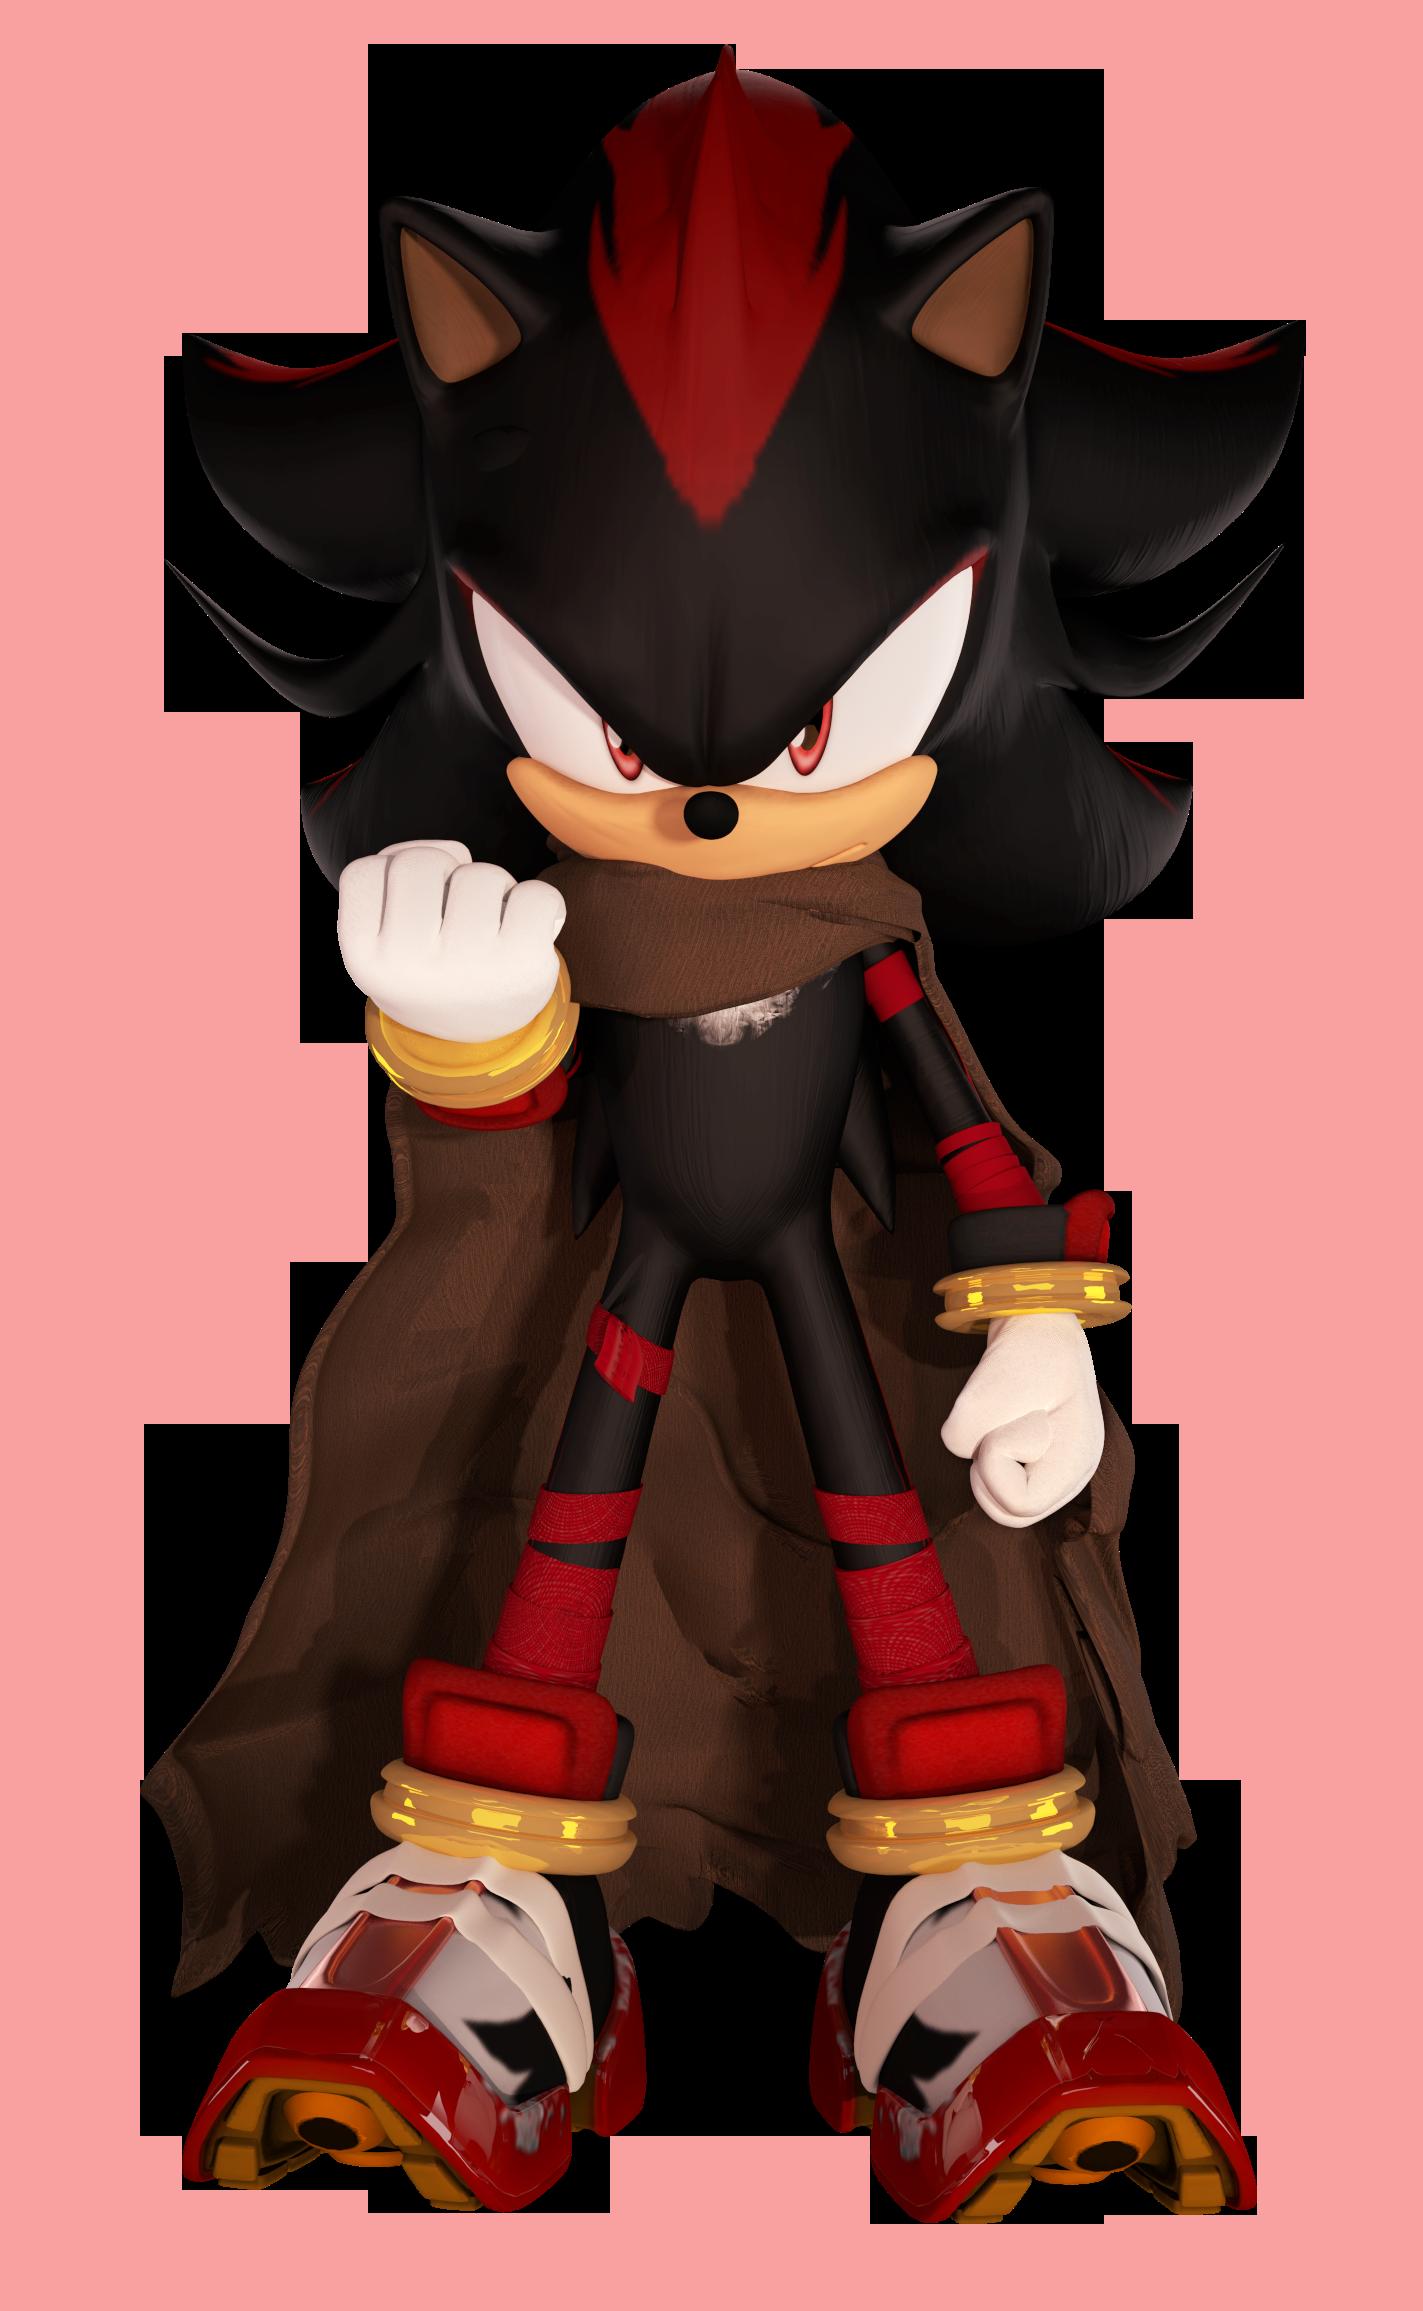 Hedgehog boom shadow sonic